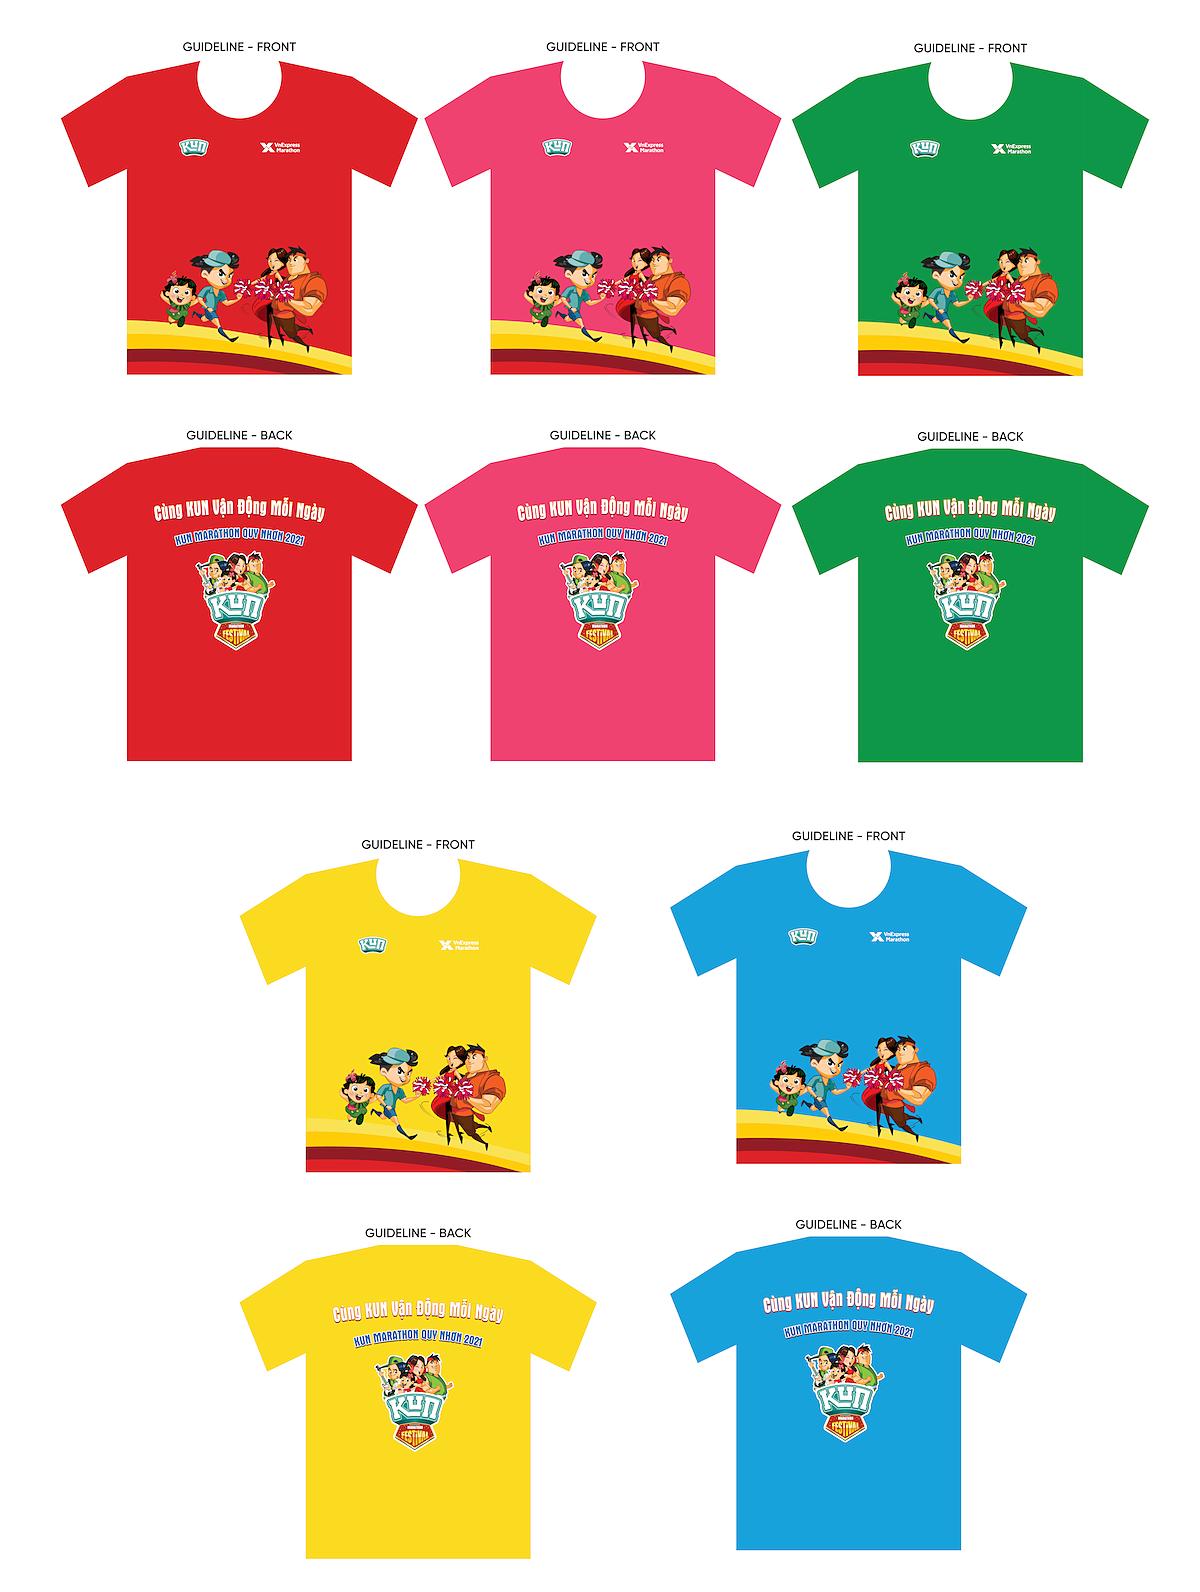 Rancang 5 warna sesuai dengan 5 kelompok usia dari 6 hingga 10 tahun.